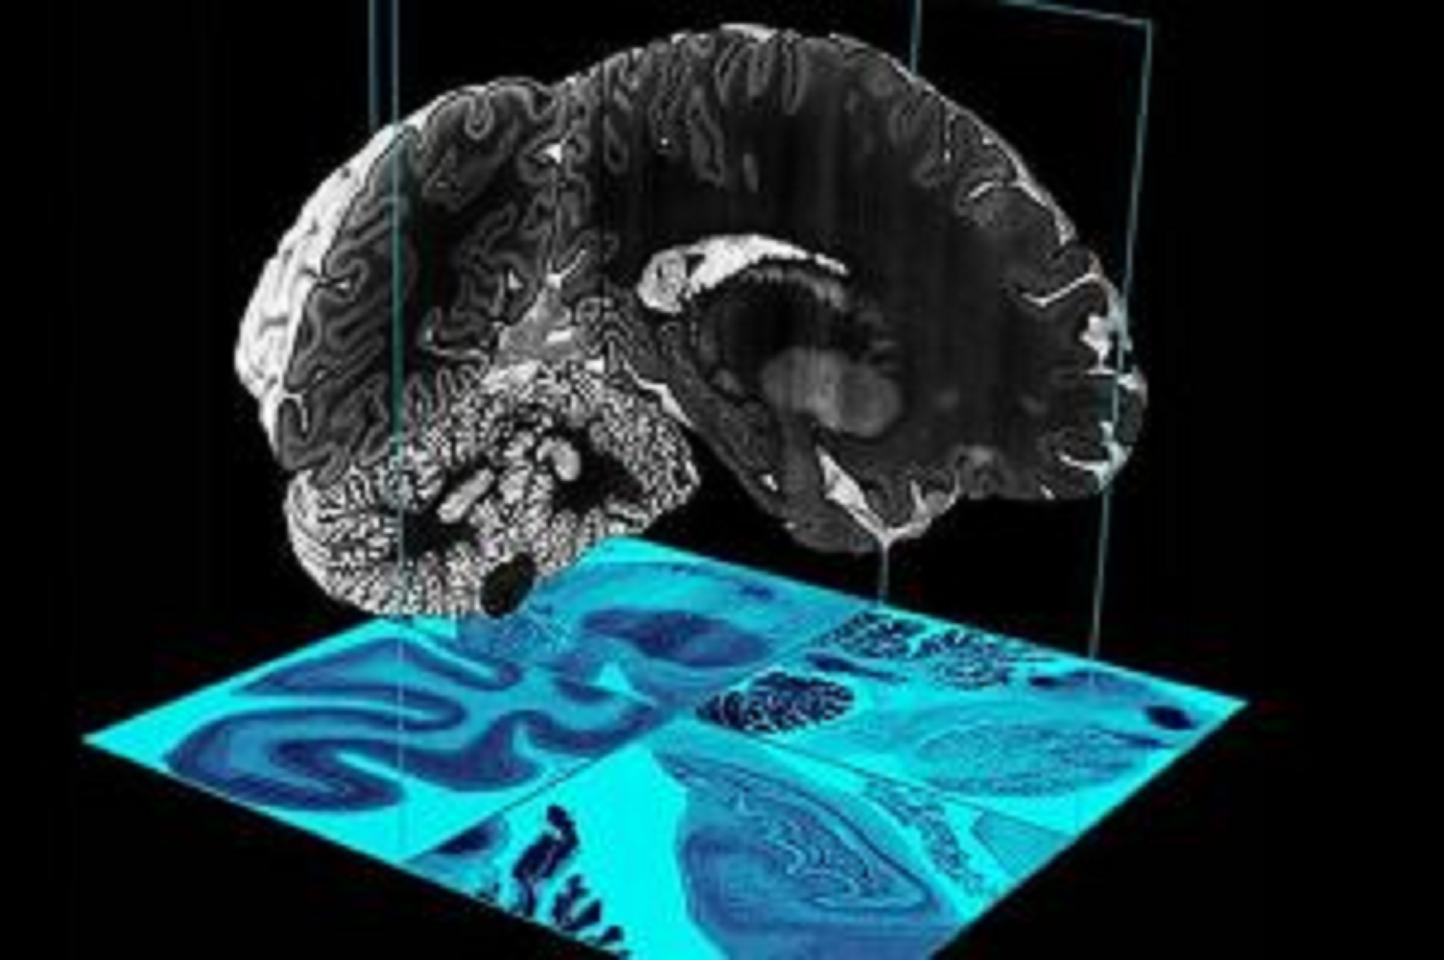 Ὡραῖα, τὸν μελετήσαμε τὸν ἐγκέφαλο. Ὥρα νὰ τὸν ἀναπαράξουμε!